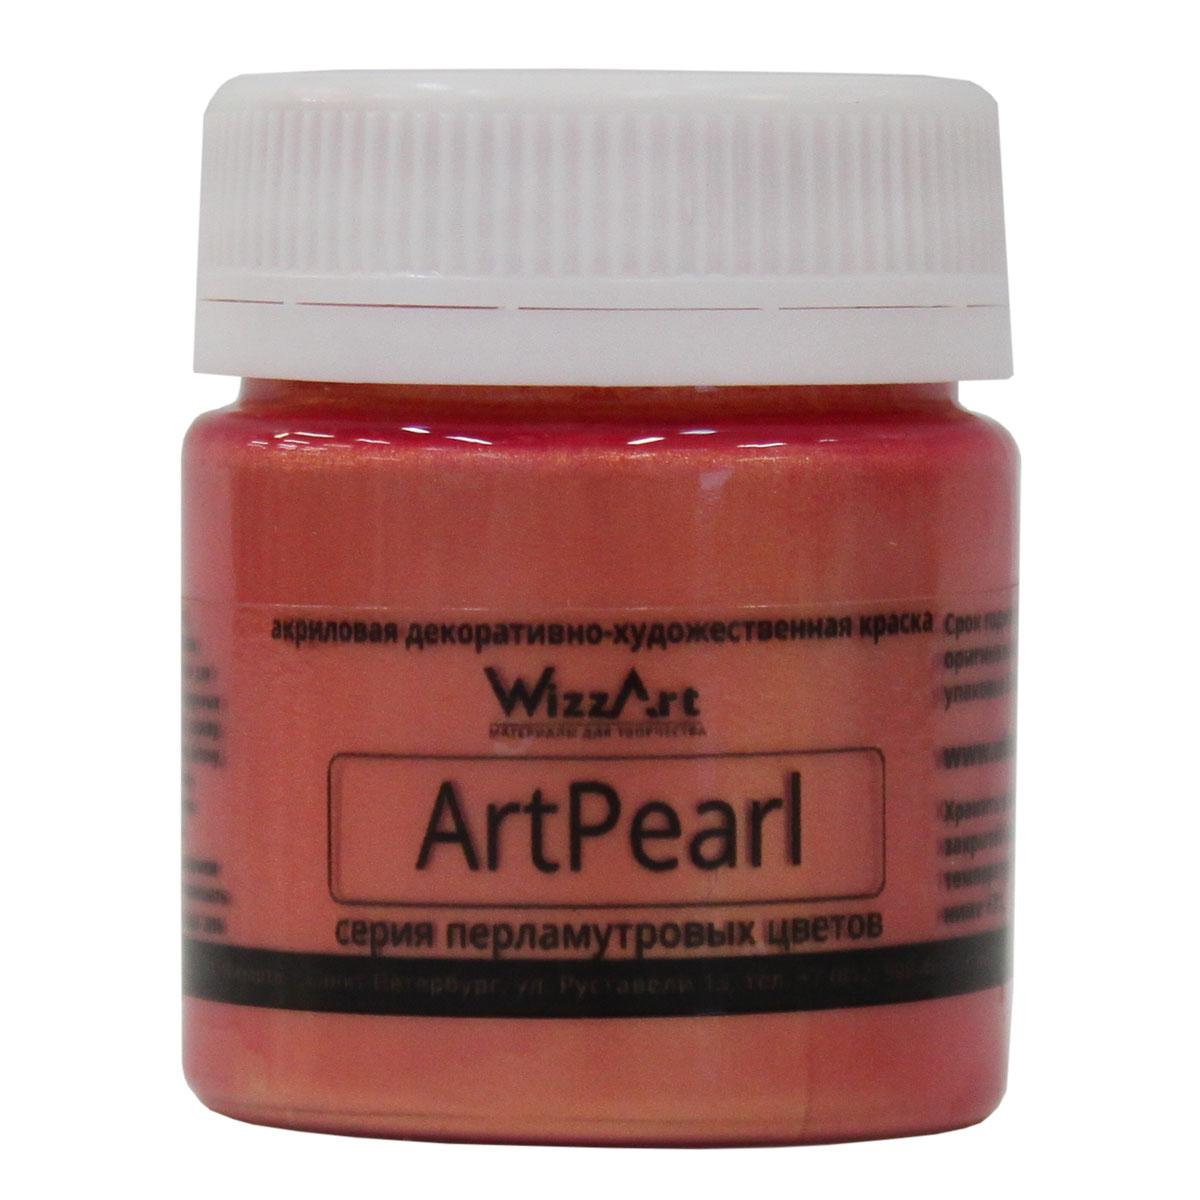 Краска акриловая WizzArt ArtPearl, цвет: красный, 40 мл0775B001Линейка акриловых красок WizzArt под названием ArtPearl — это широкий ассортимент перламутровых оттенков. Эффект перламутра помогает создать красивейшие рисунки и замечательный декор. Перламутровая акриловая краска быстро высыхает, прочно держится, создает ровную и гладкую поверхность, которая красиво переливается на свету. Ее мягкое сияние придаст изюминку любому произведению декоративно-прикладного искусства. Все краски WizzArt отлично совместимы между собой, что открывает широкие горизонты для реализации творческих идей. Ими можно декорировать посуду, открытки, рамки для фото, подарочные коробки, зеркала, елочные игрушки. Акриловые краски WizzArt обладают равномерной текстурой, отлично ложатся на любую обезжиренную поверхность и надежно держатся на ней после высыхания, надолго сохраняя яркость цвета и эластичность. Данные краски не содержат токсичных веществ и не имеют сильного запаха.Объем: 40 мл.Товар сертифицирован.